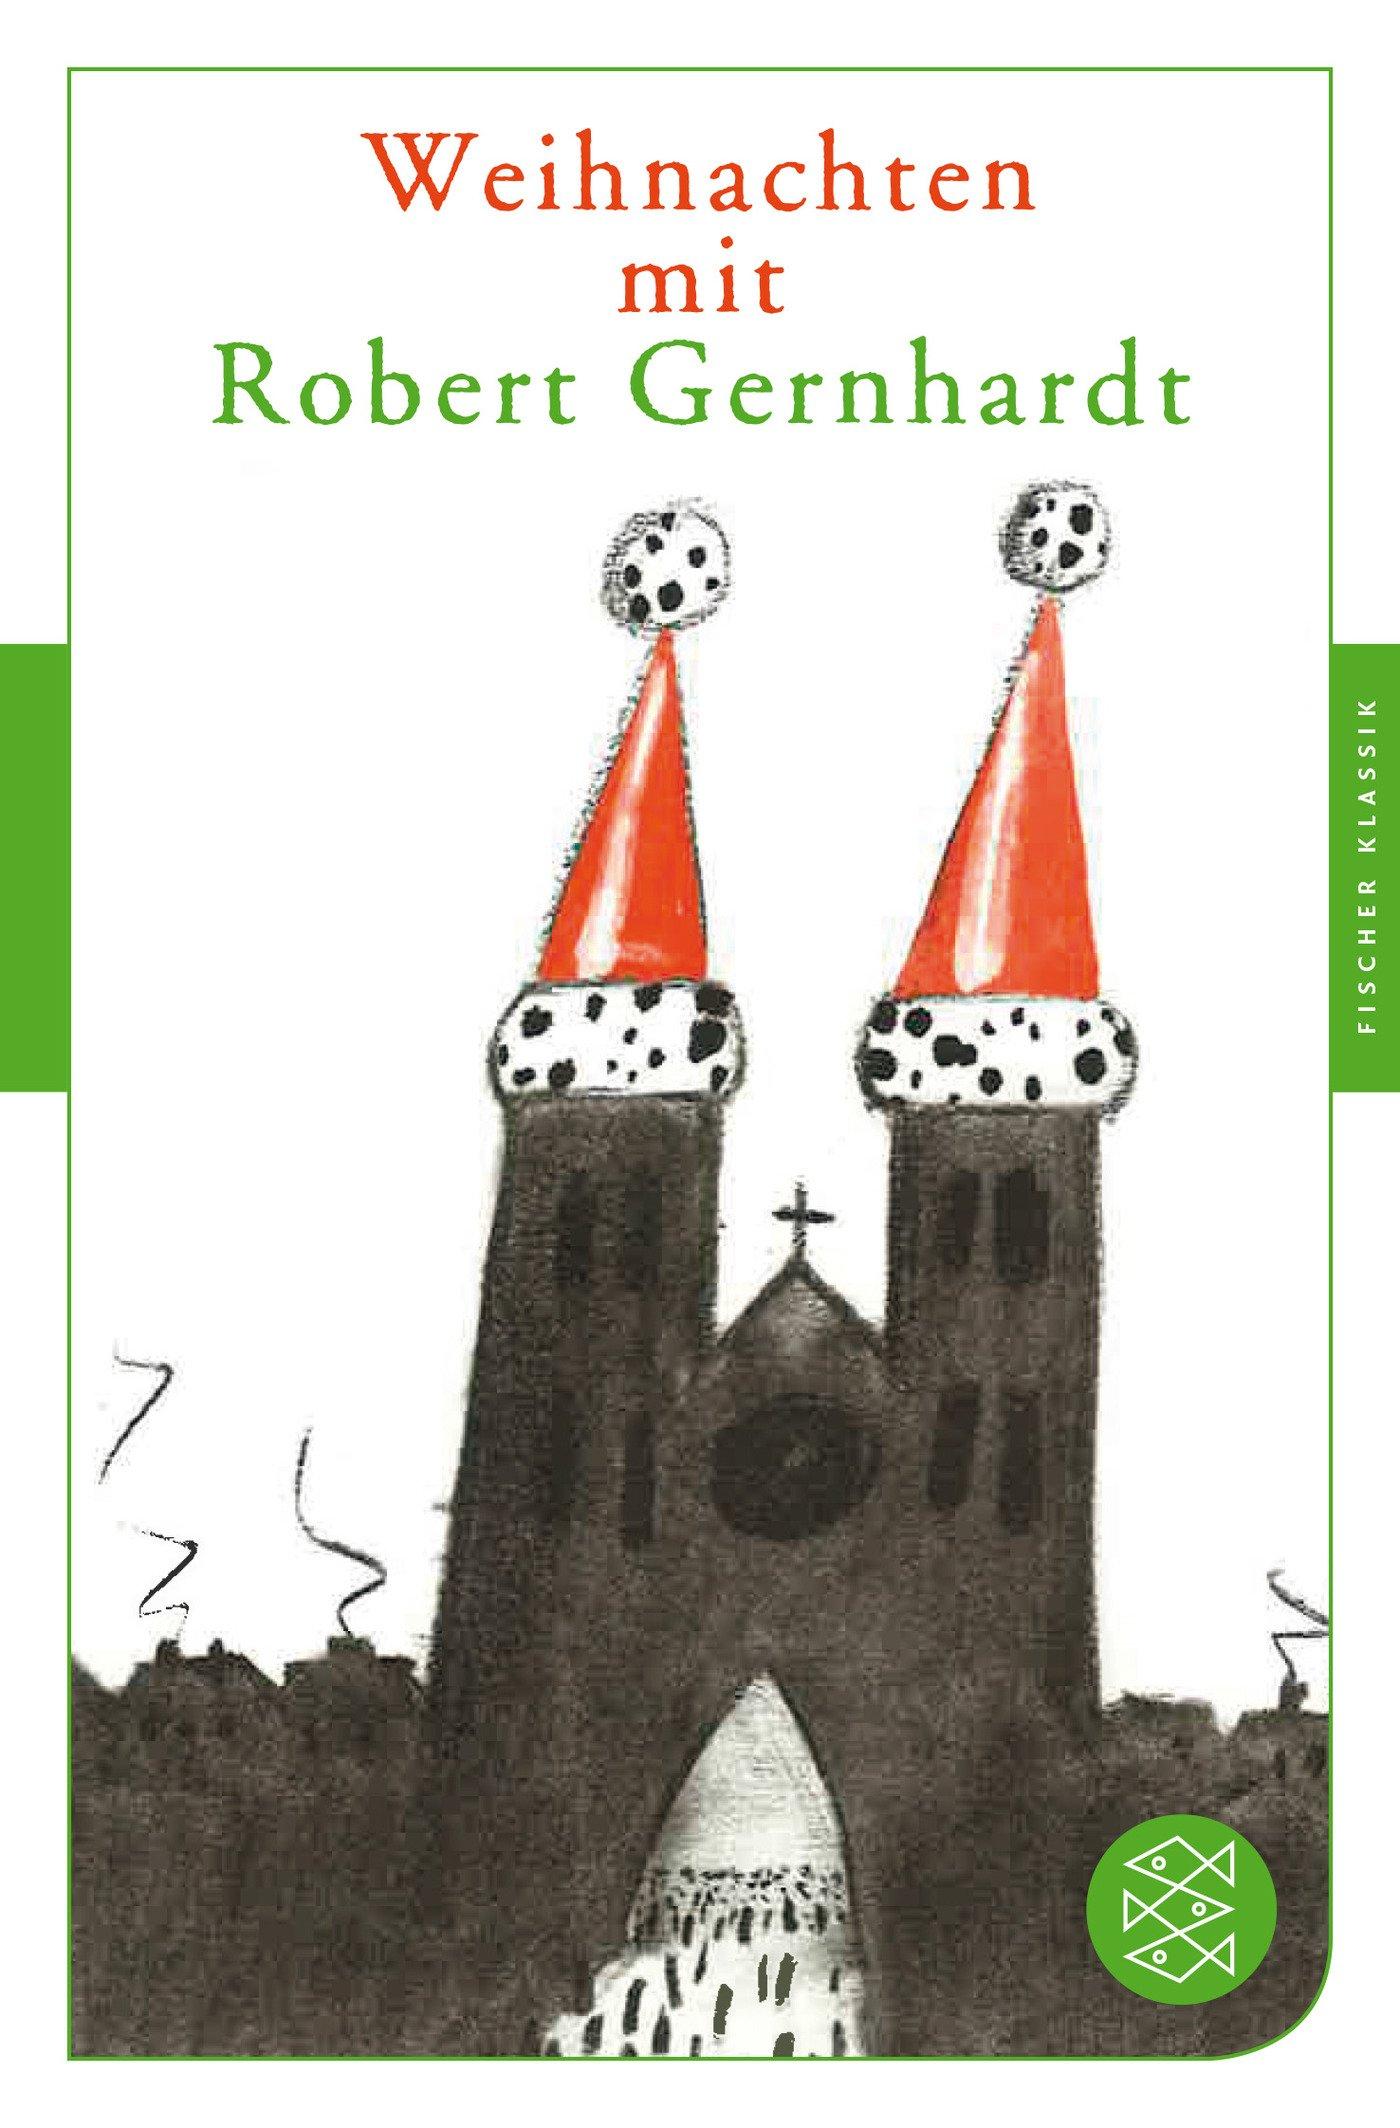 Weihnachten mit Robert Gernhardt